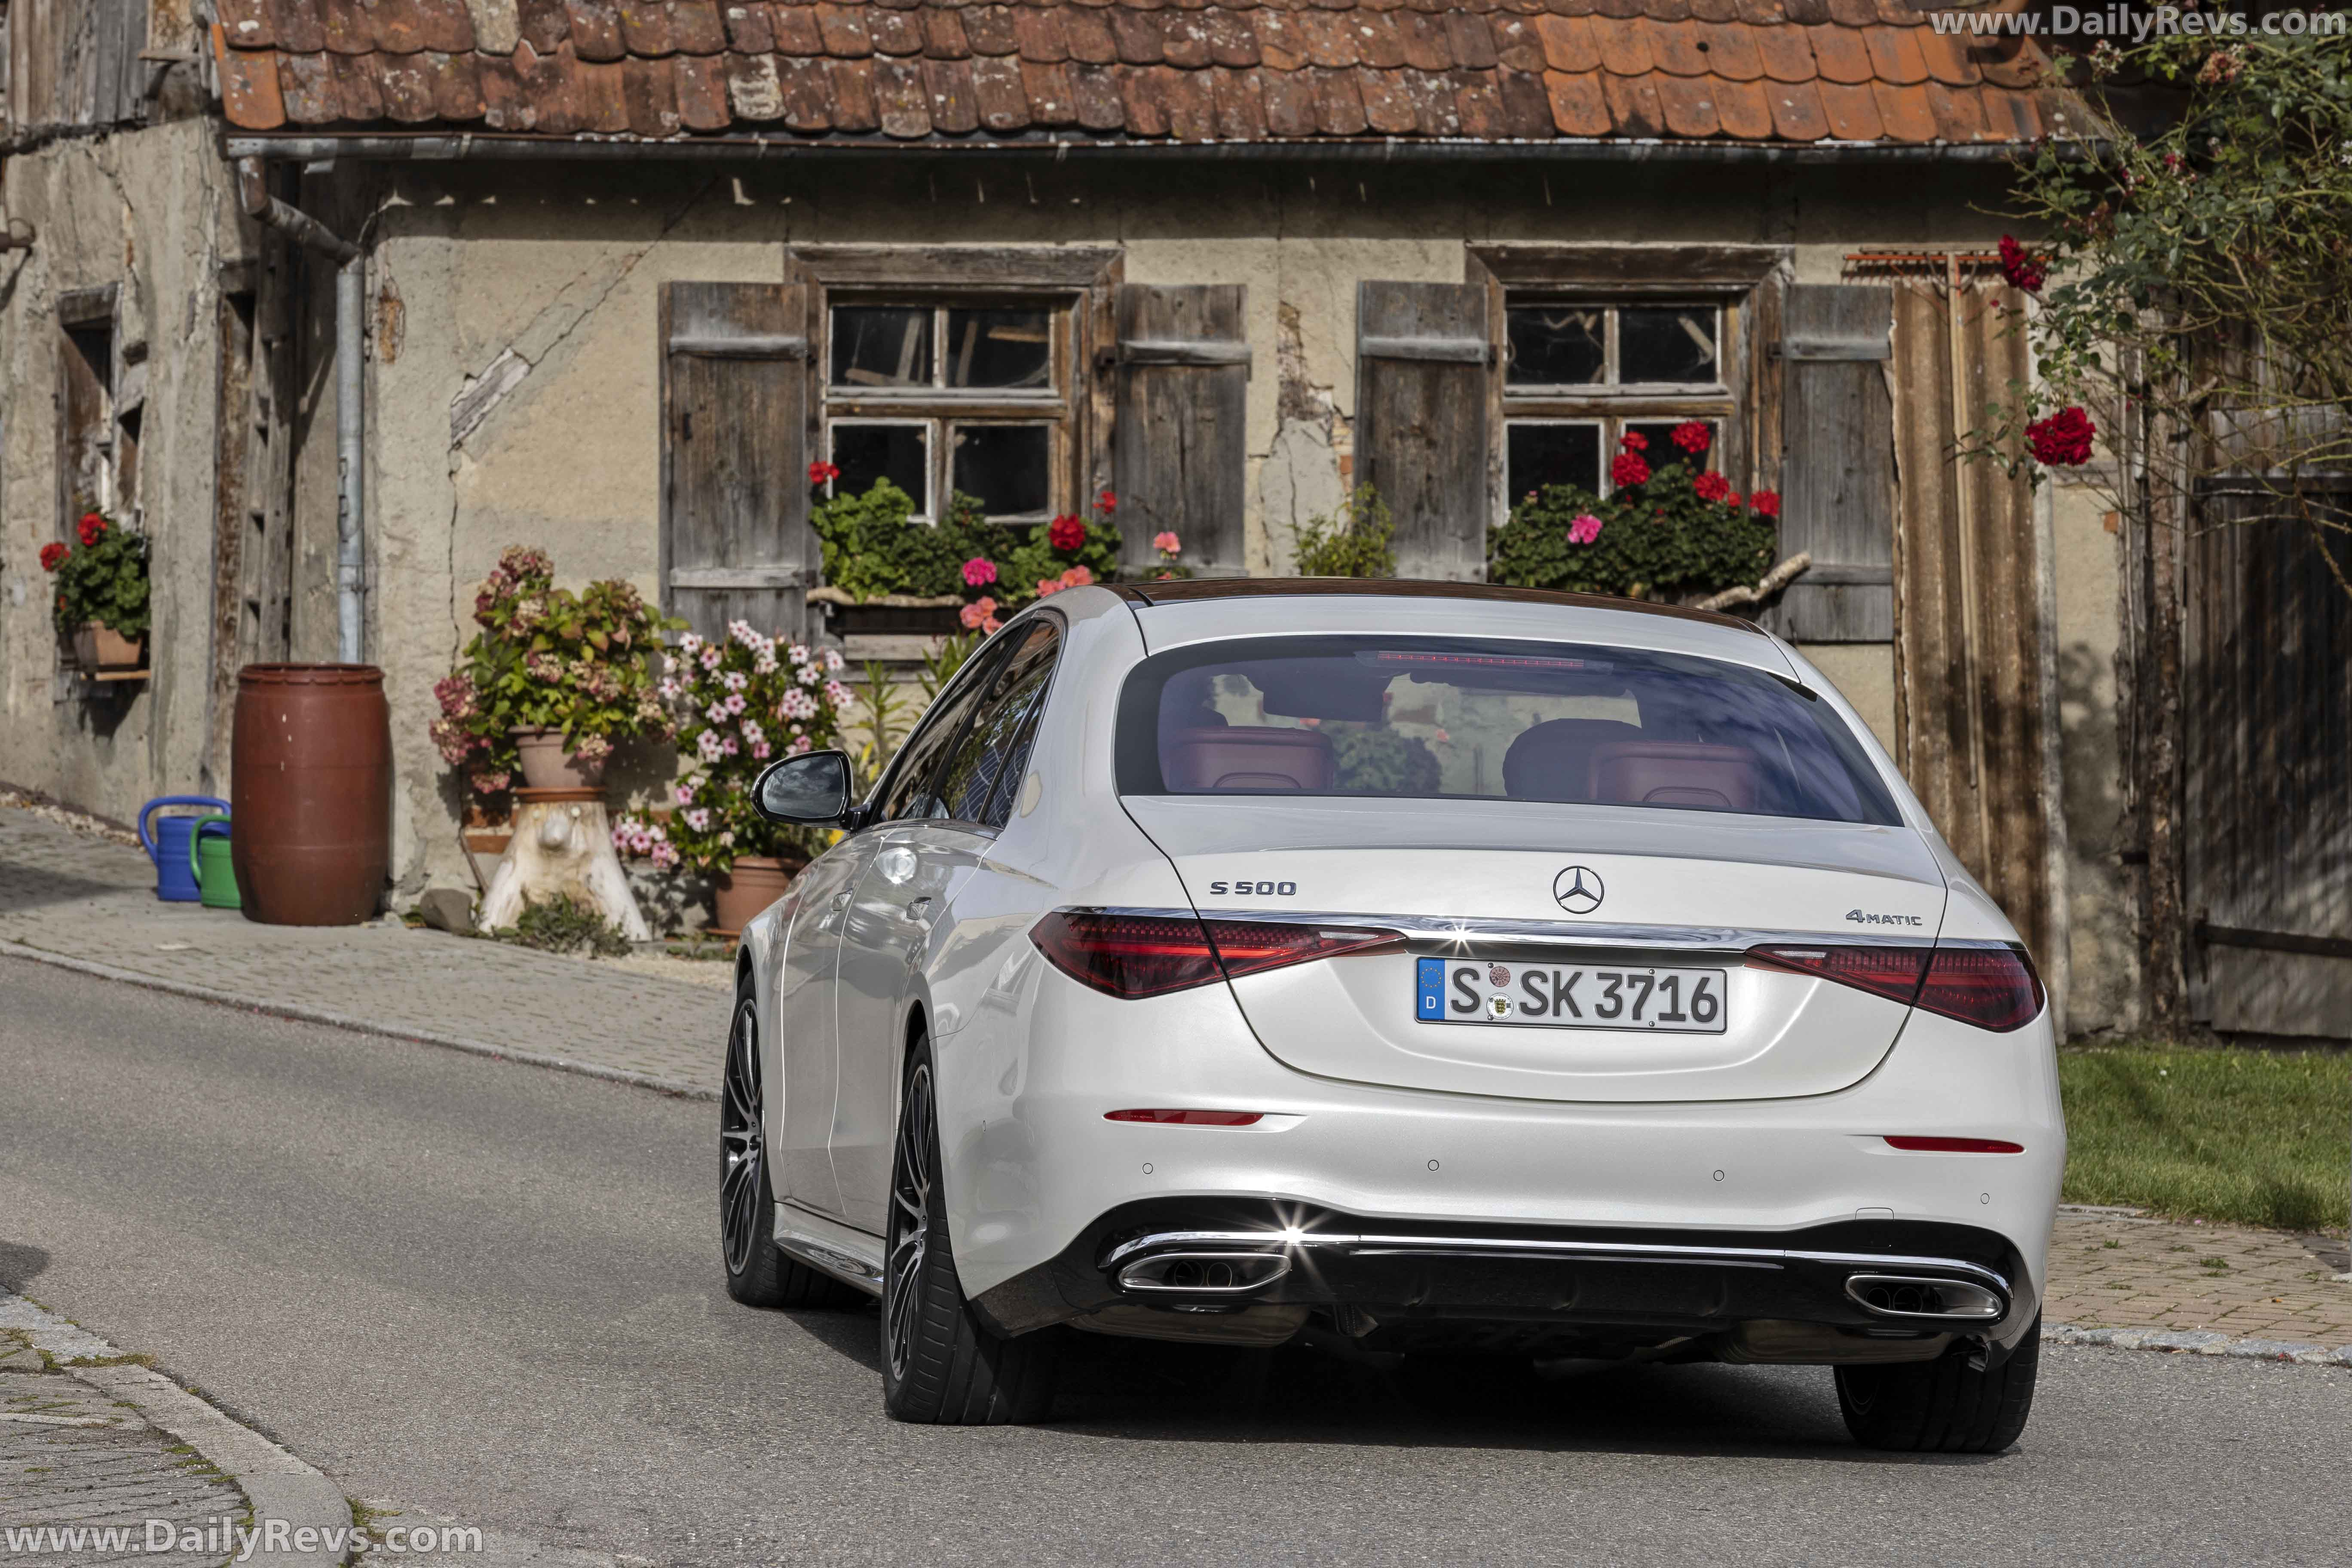 2021 Mercedes-Benz S 500 4Matic full